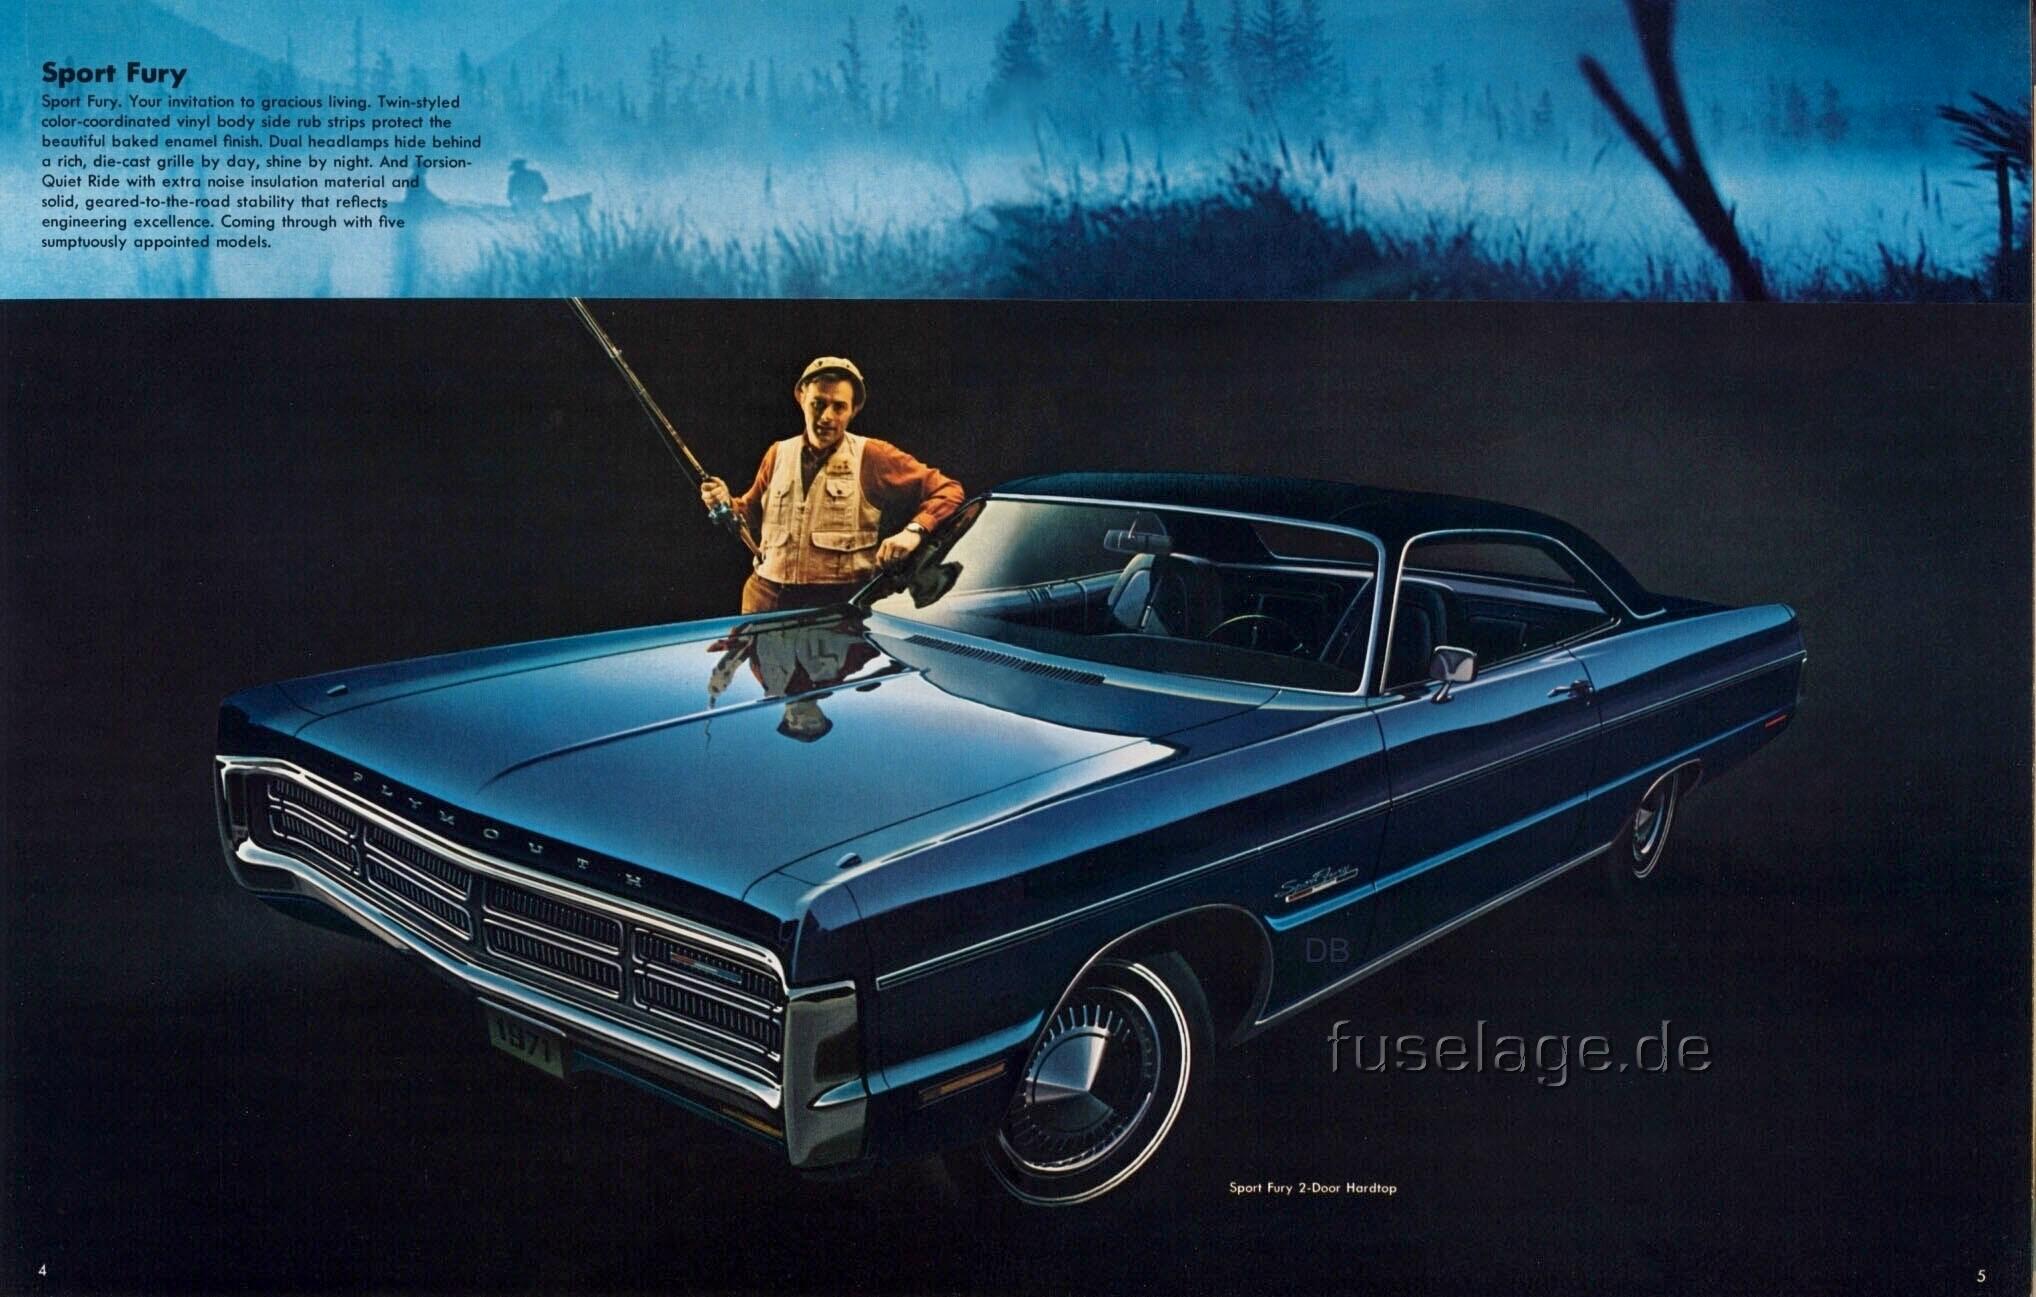 1971 Plymouth Sport Fury two-door hardtop